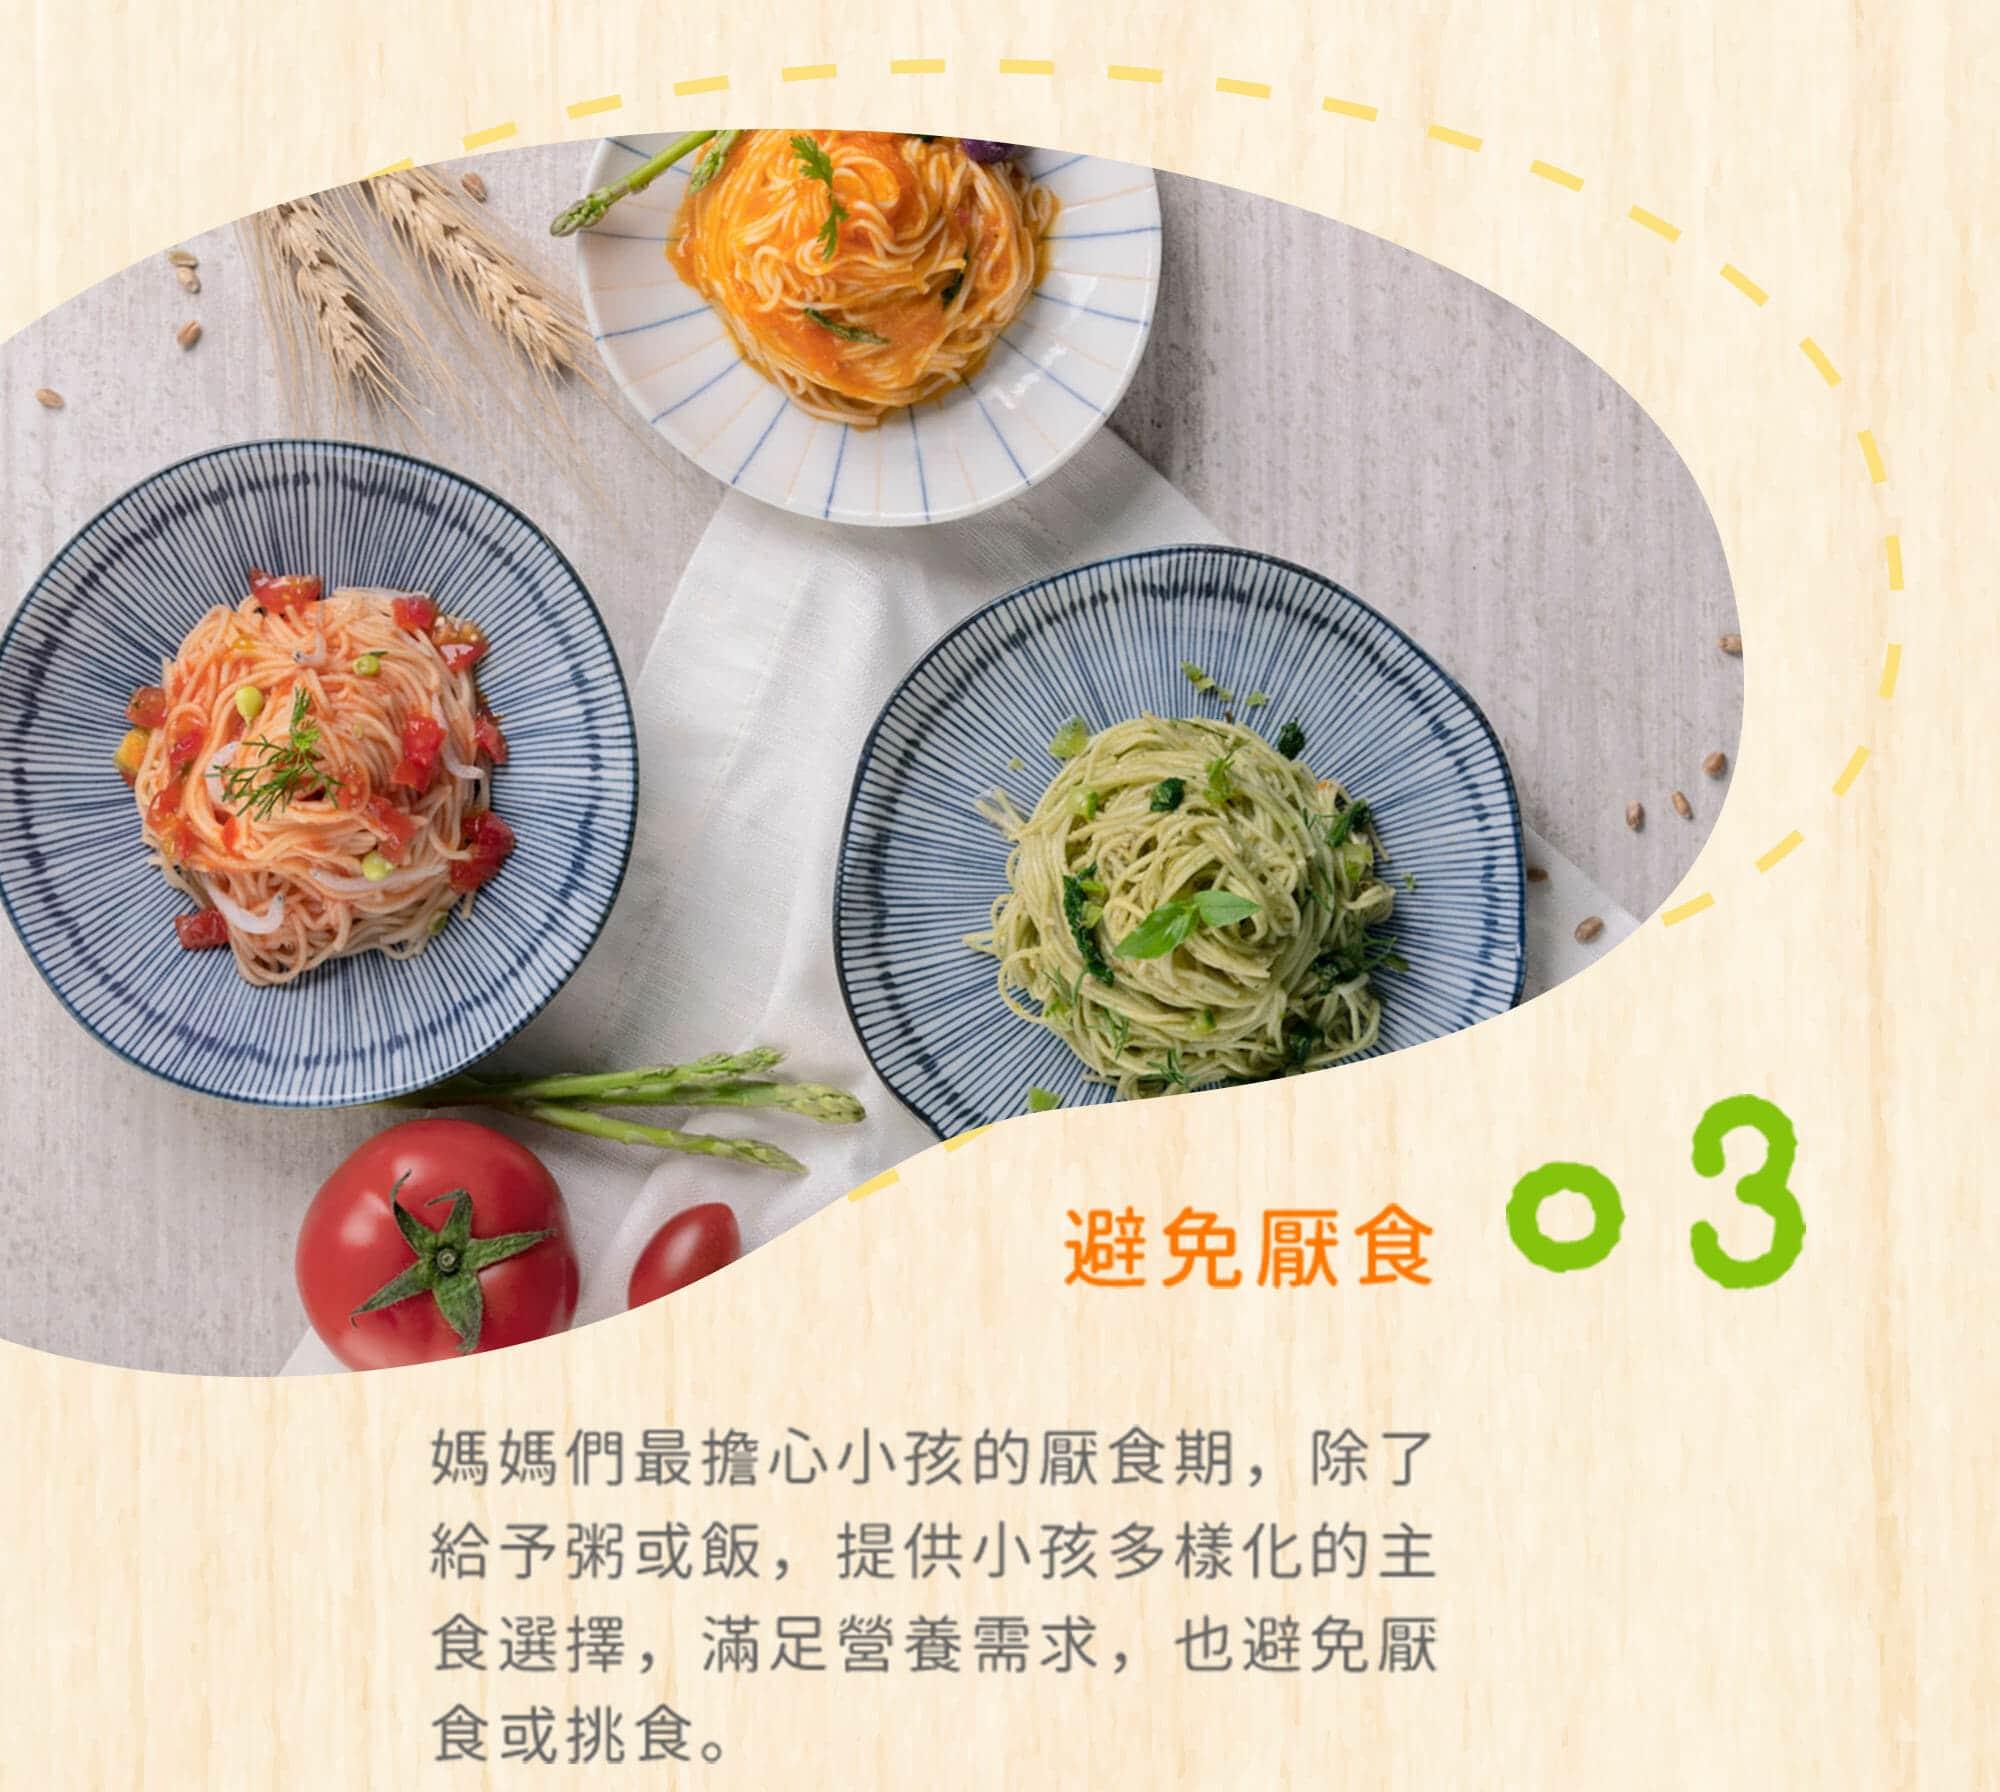 寶寶麵優點是避免厭食,提供除了粥飯類以外,其他的多樣化主食。